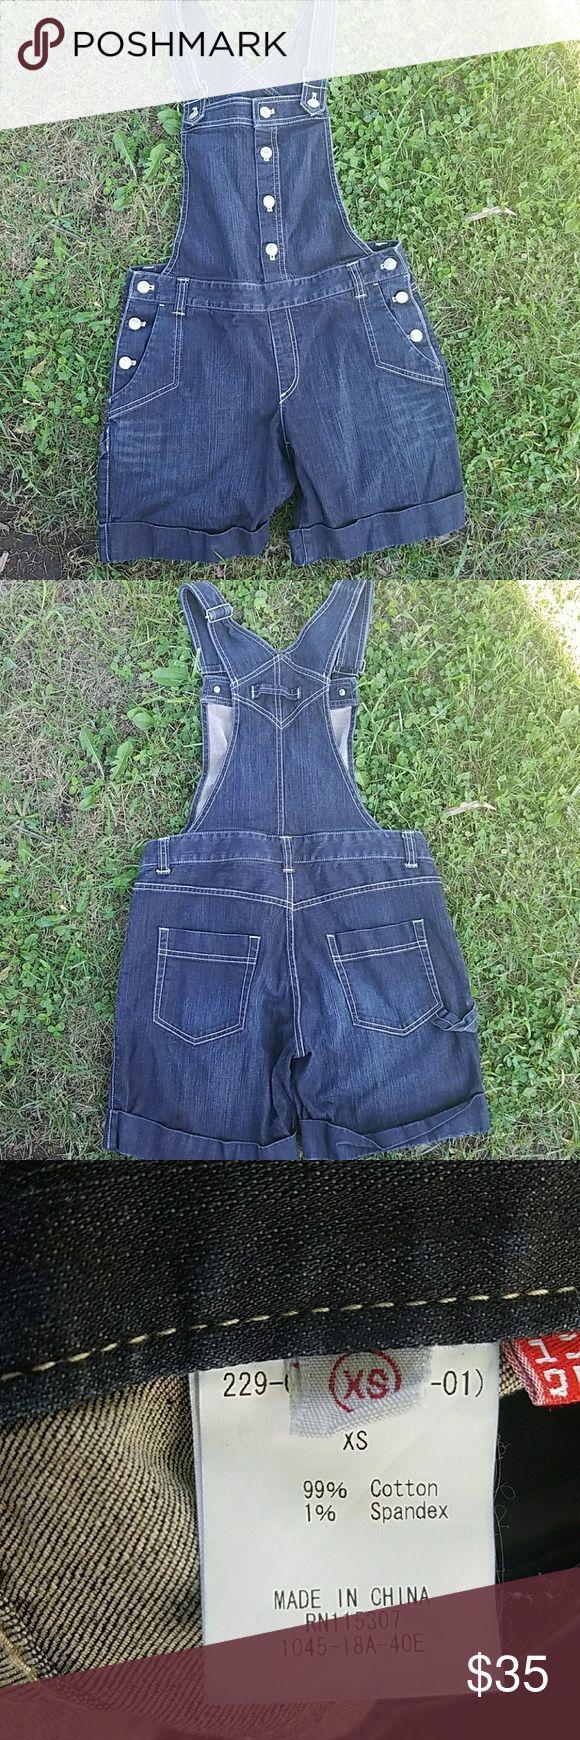 Uniqlo Shortalls These overall shorts are adorable! GUC Uniqlo Shorts